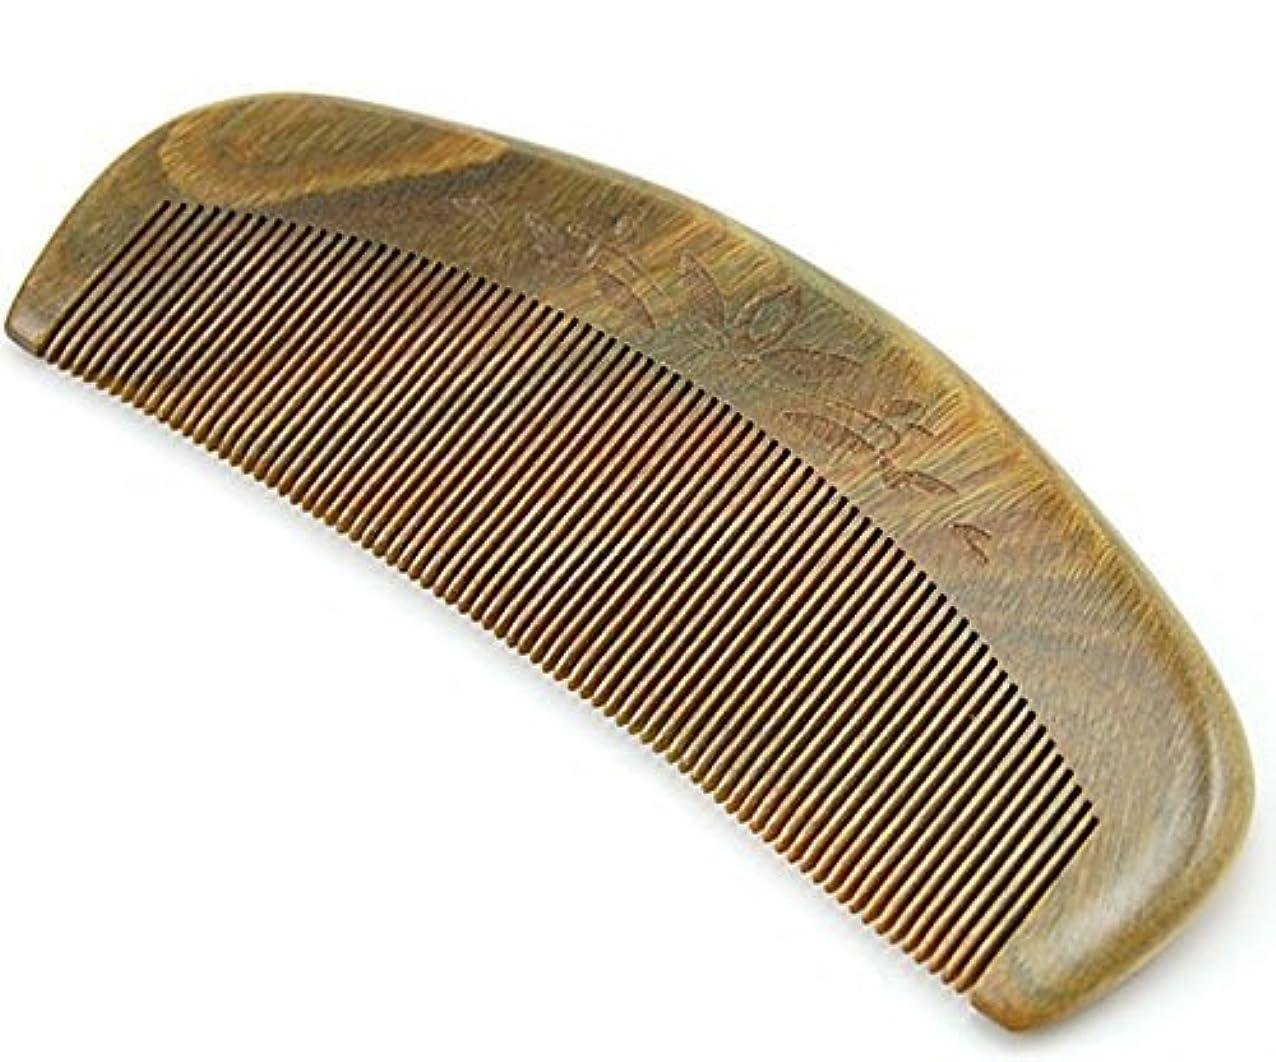 交換実質的に写真撮影Joyo Natural Green Sandalwood Fine Tooth Comb, Anti Static Pocket Wooden Comb 5